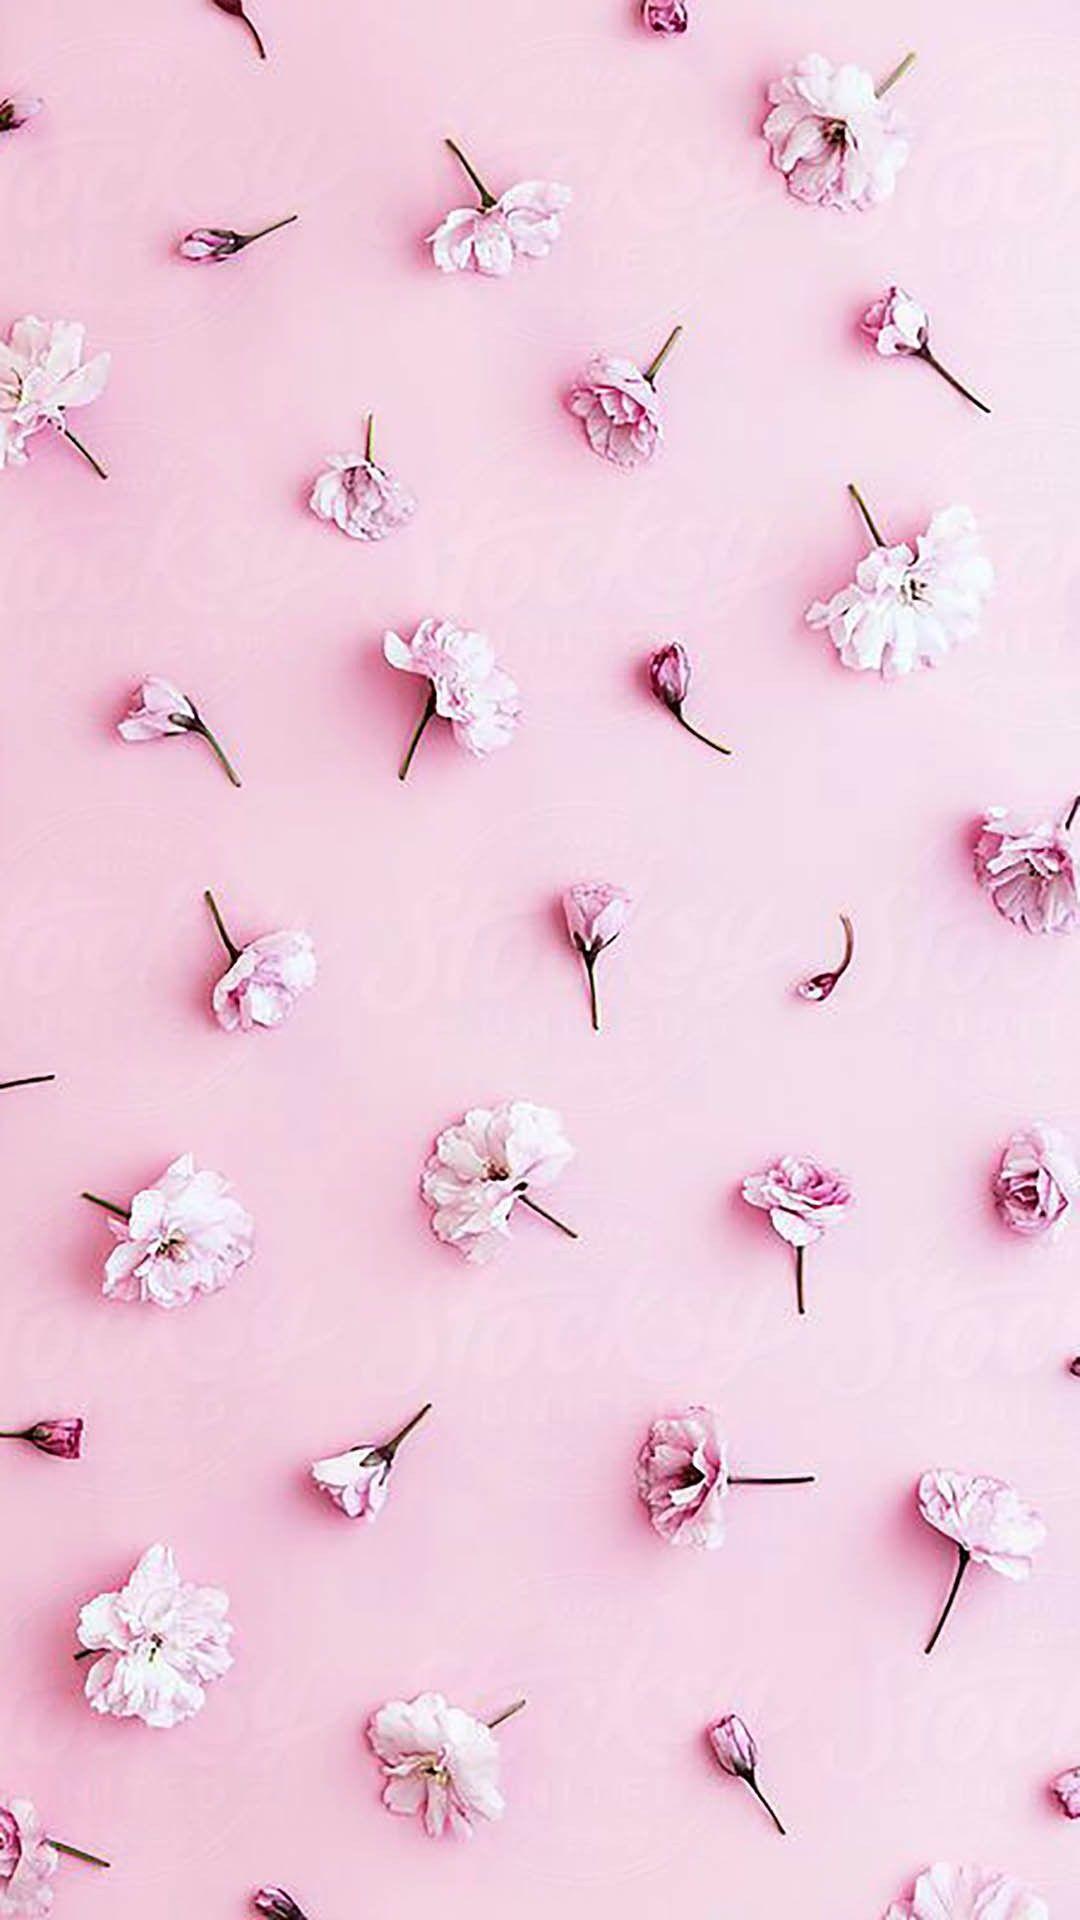 Ellioralorenzen Pastel Pink Wallpaper Cherry Blossom Background Pink Flowers Wallpaper